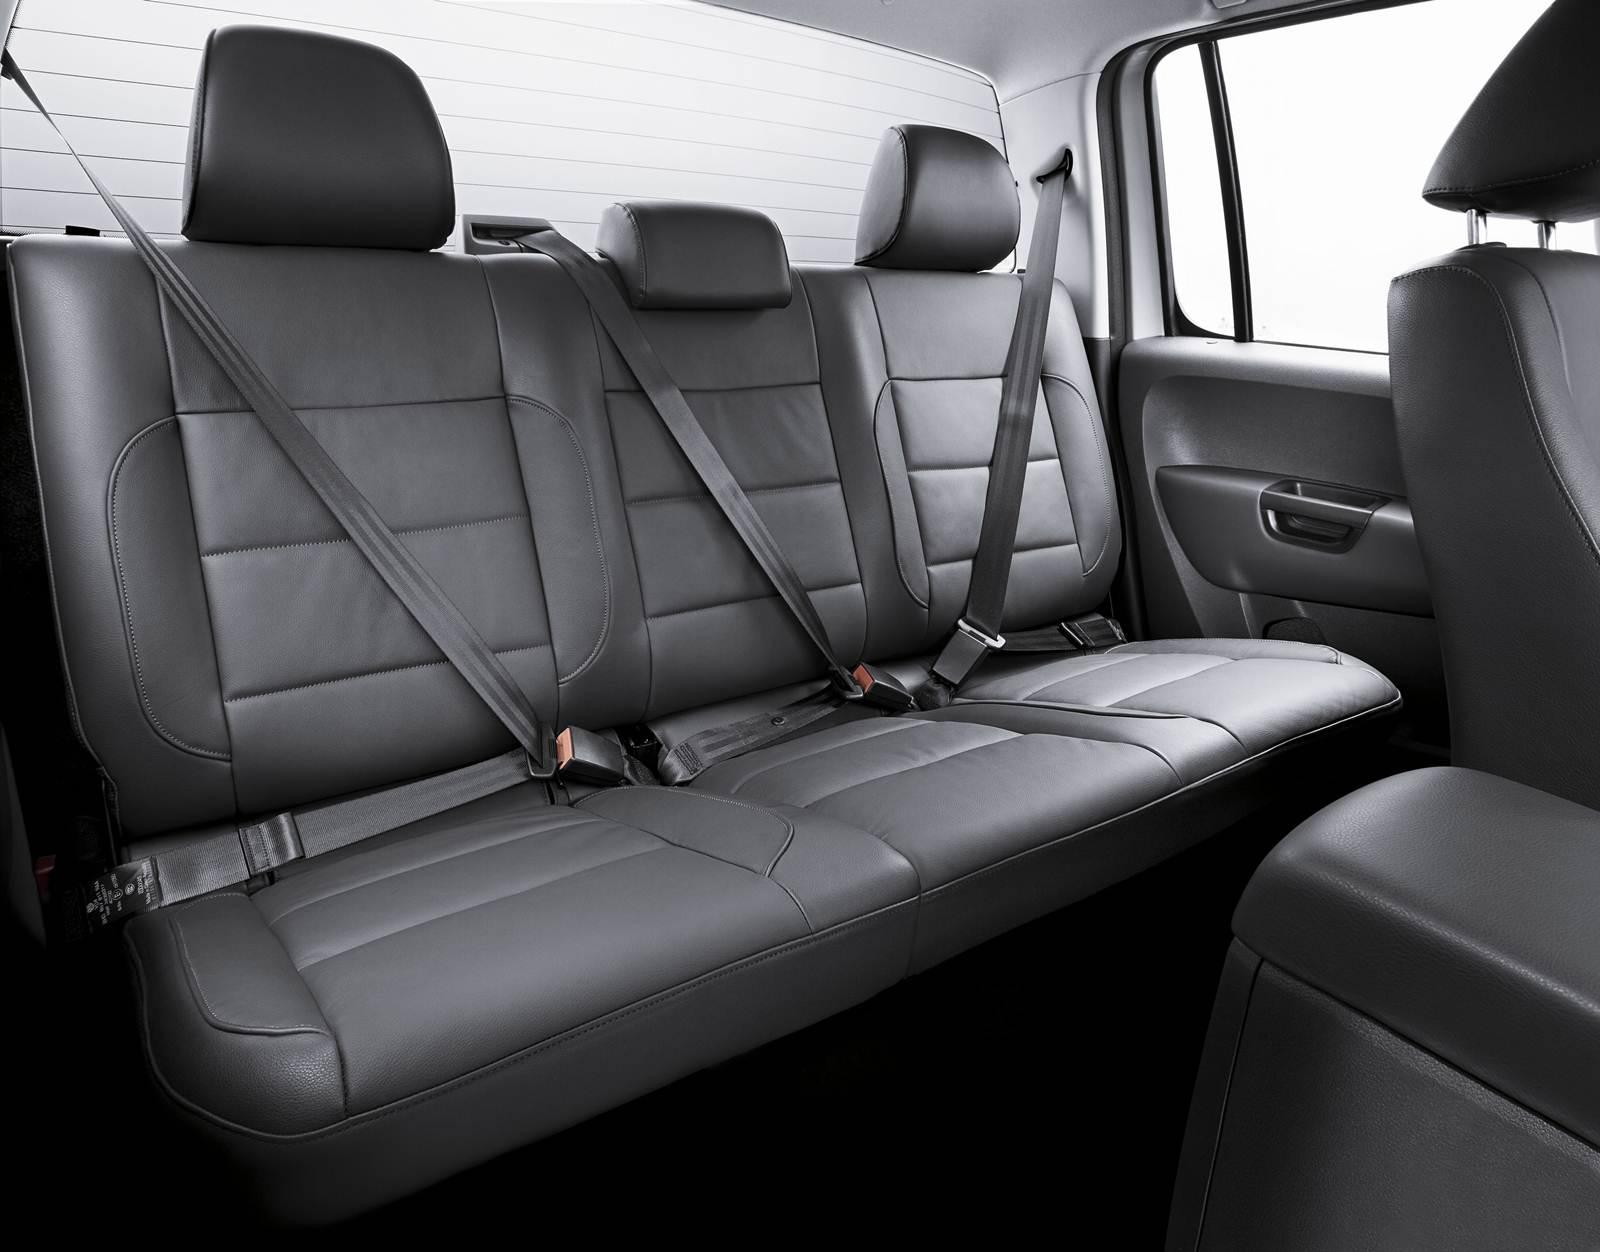 Volkswagen amarok 2014 fotos pre os e especifica es for Interno x4